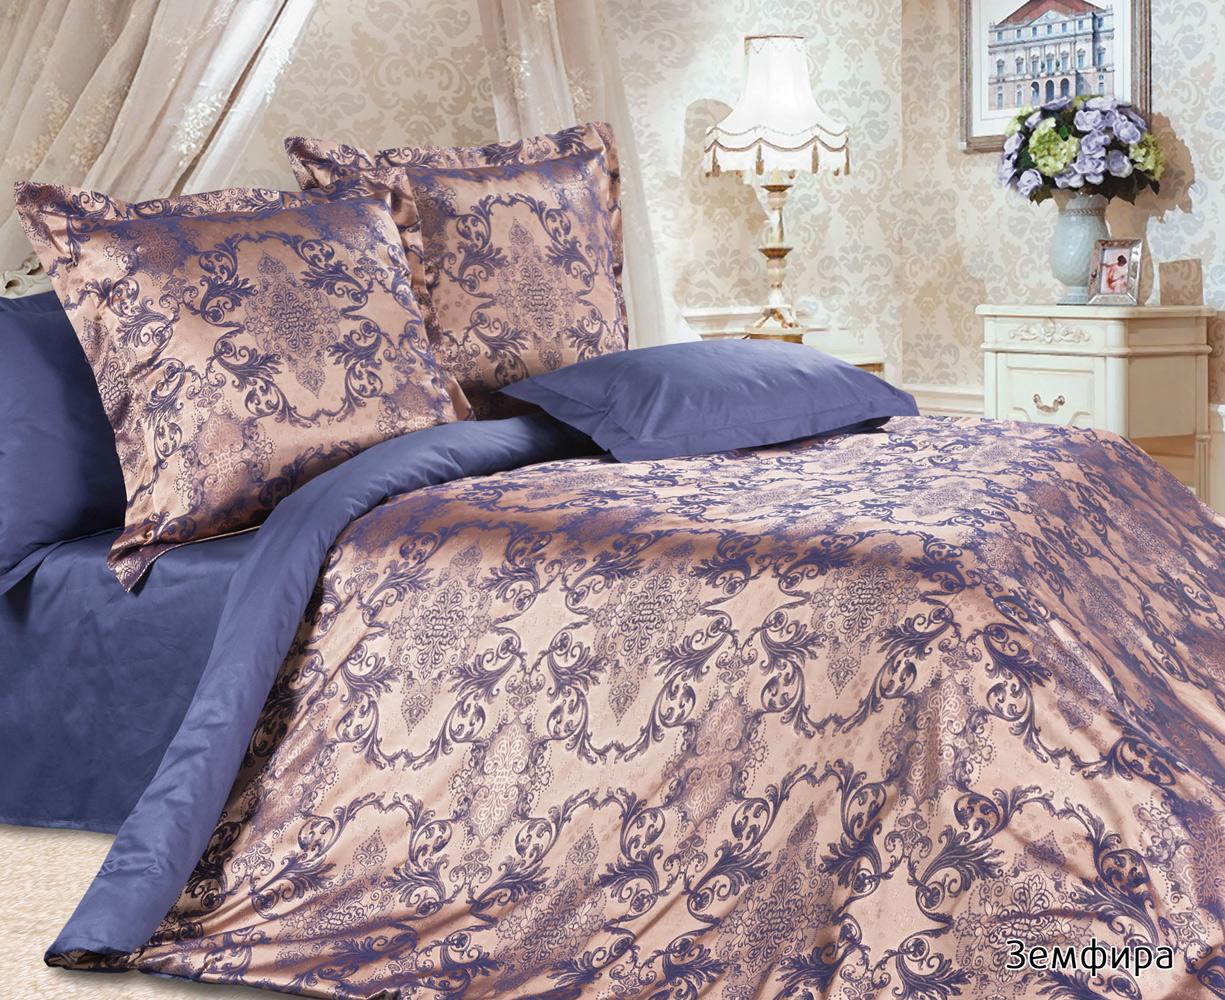 Постельное белье Земфира 1,5-спальное, 1,5-спальный